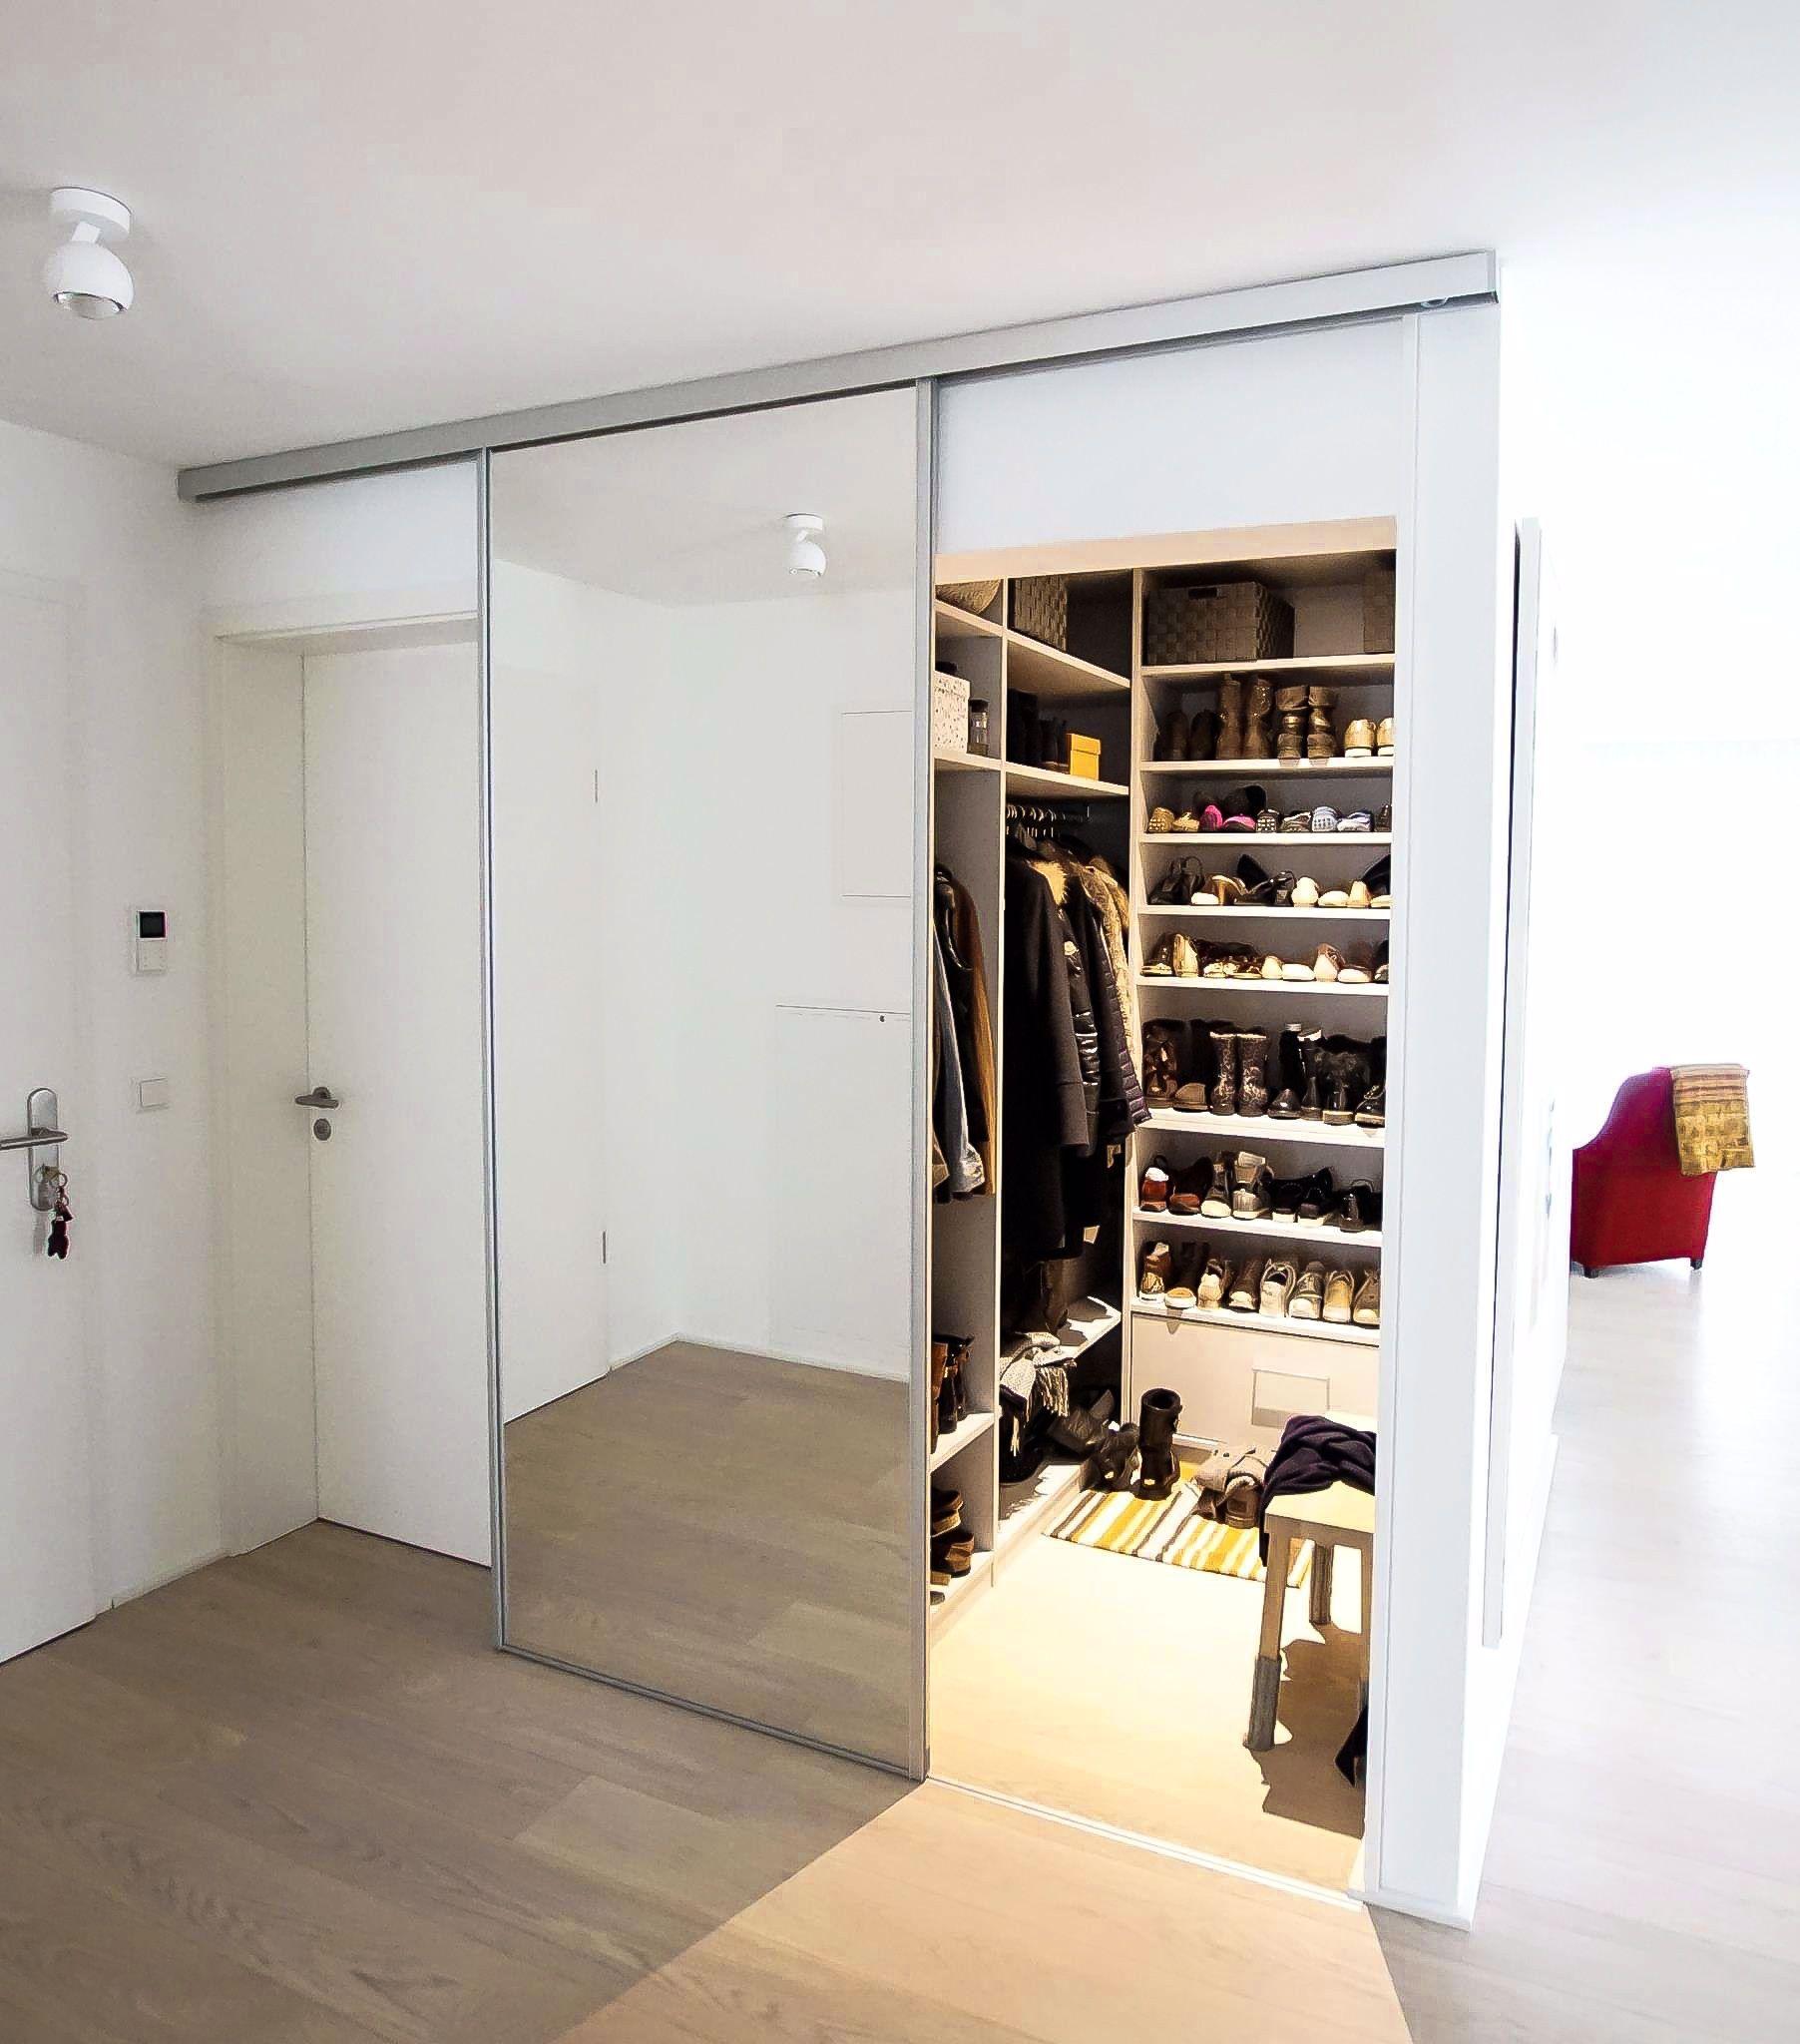 Begehbarer Kleiderschrank Mit Raumteiler In 2020 Closet Makeover